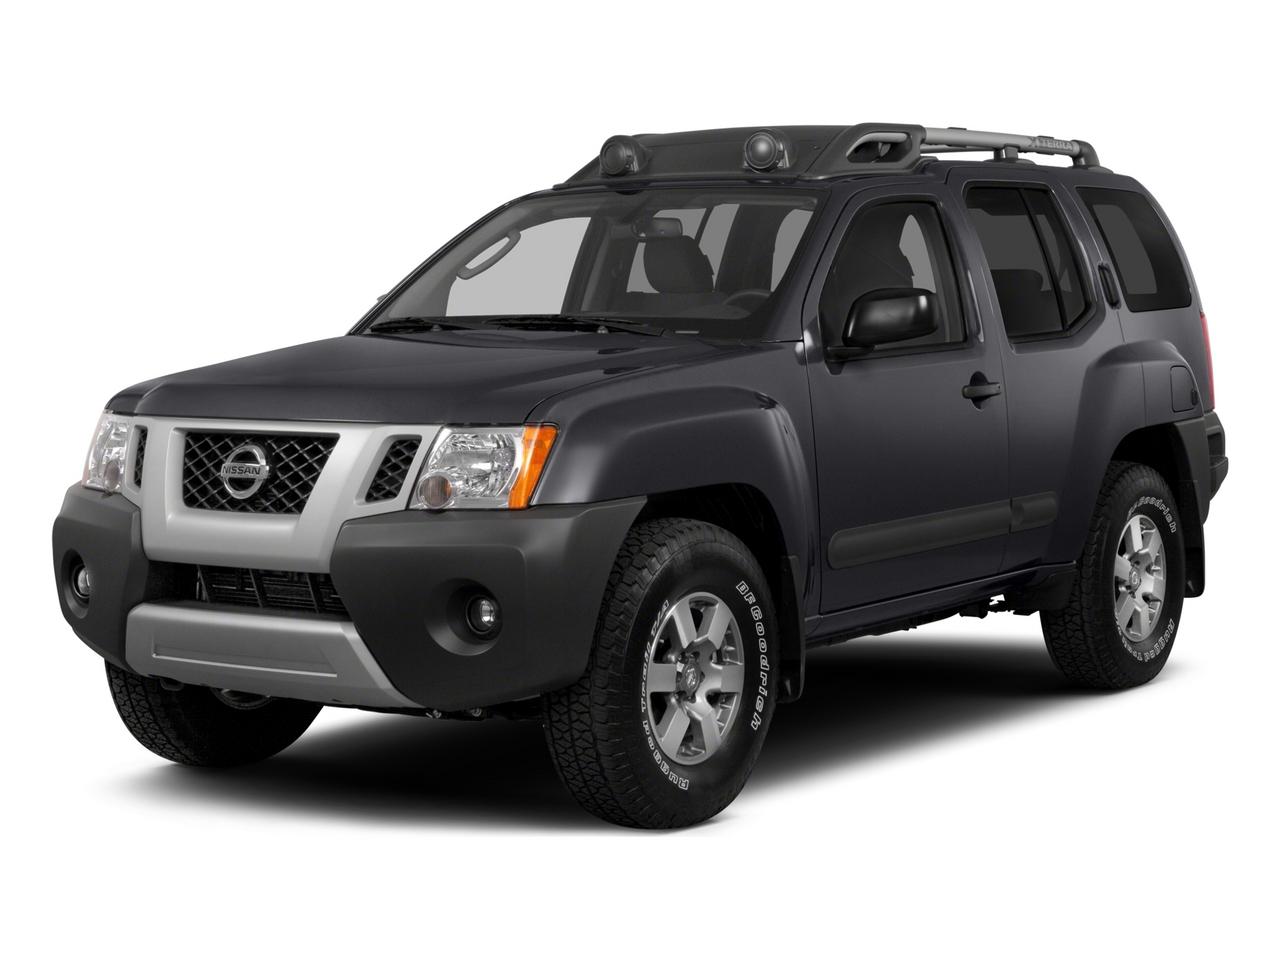 Adaptéry pro ovládání na volantu Nissan Xterra